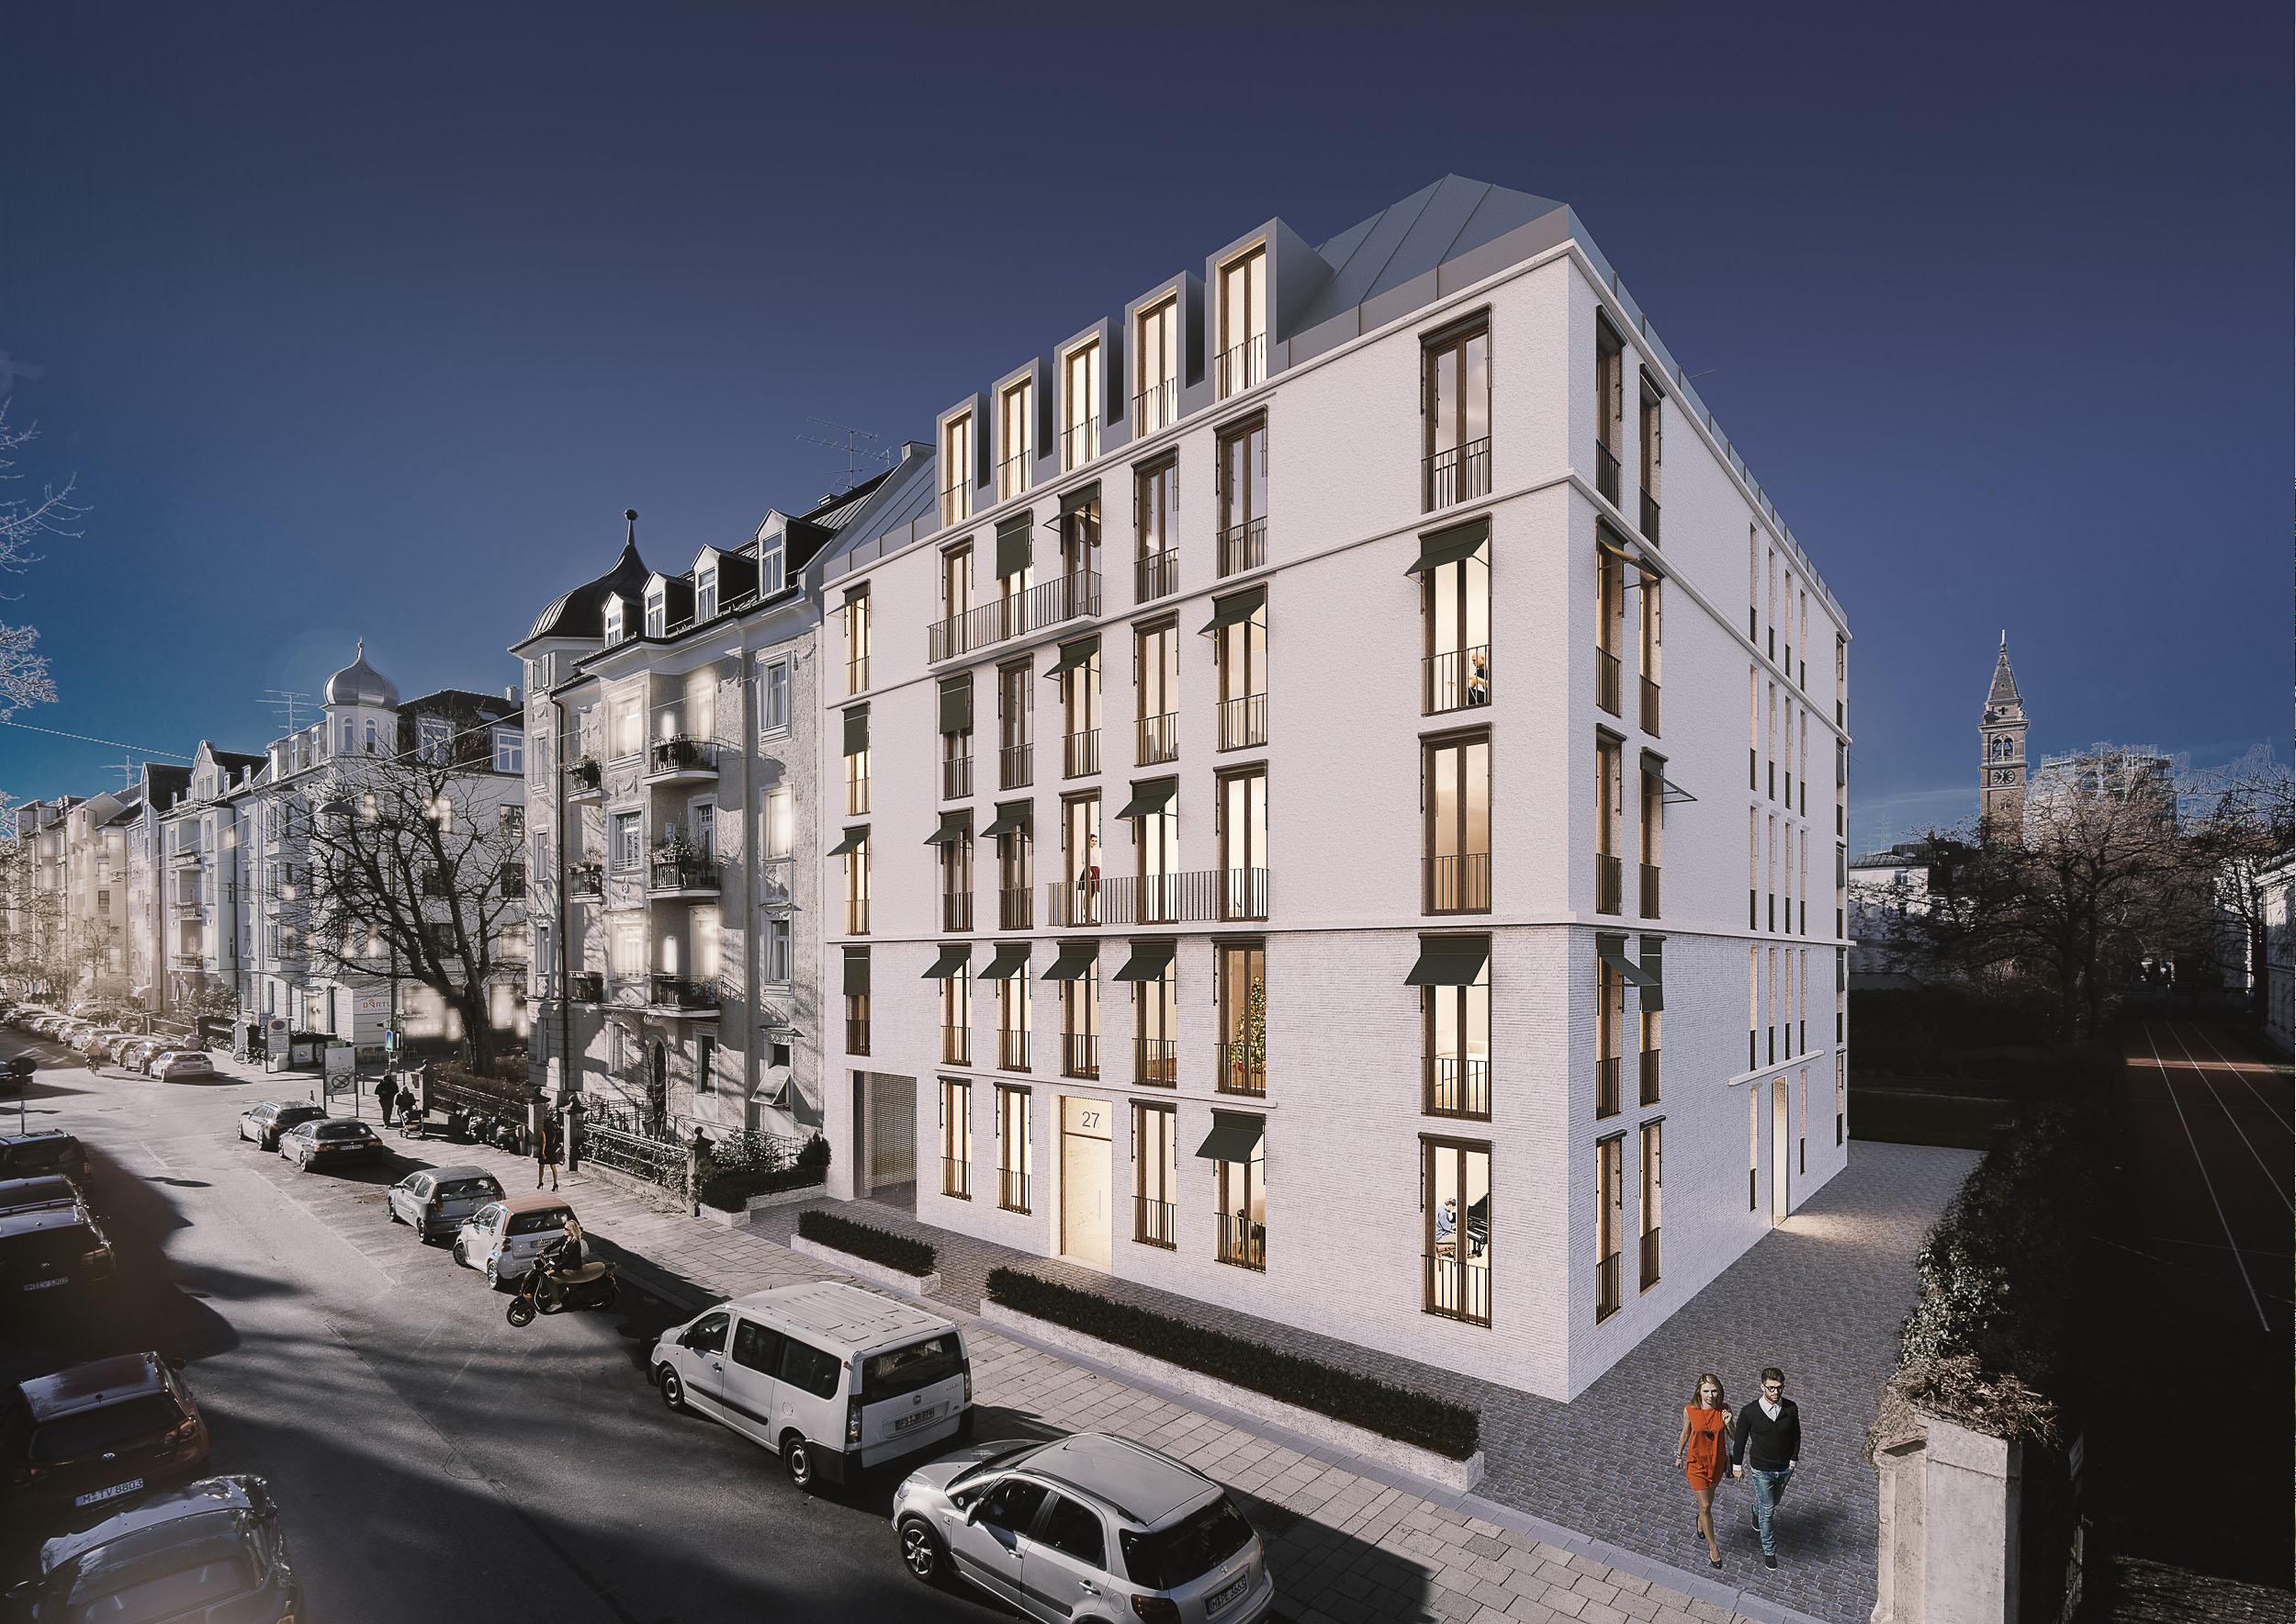 Architektur Rendering Wohngebäude in Schwabing